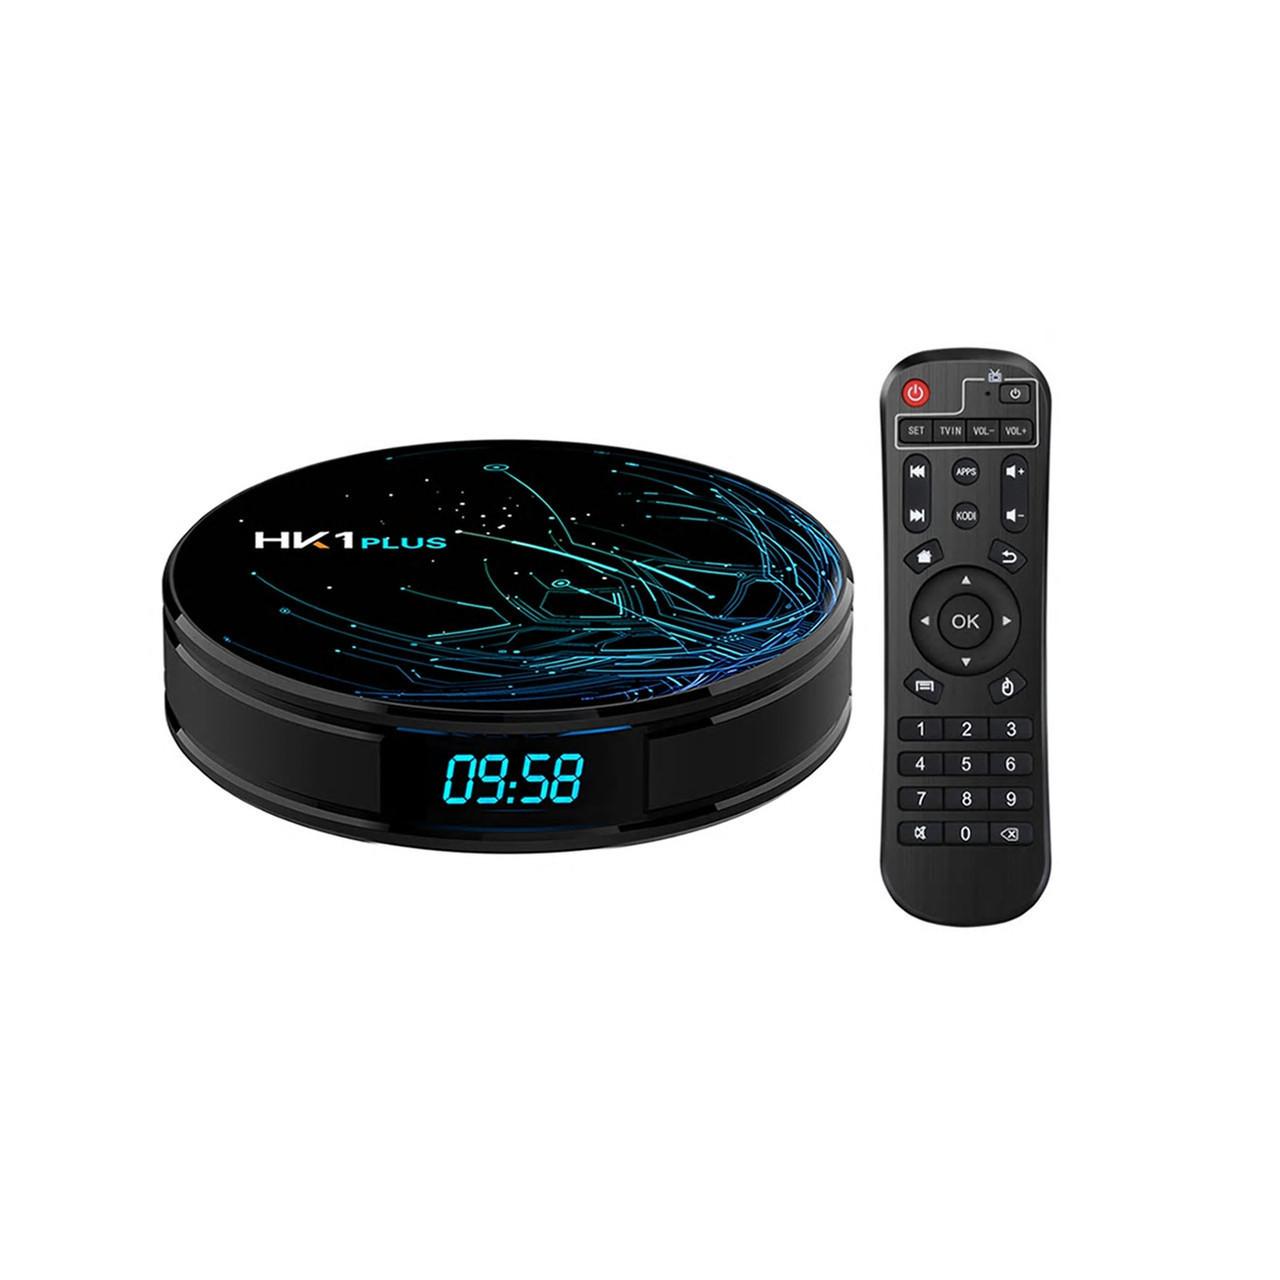 HK1 Plus 2/16 | S905X2 | Смарт ТВ Приставка | Smart TV Box